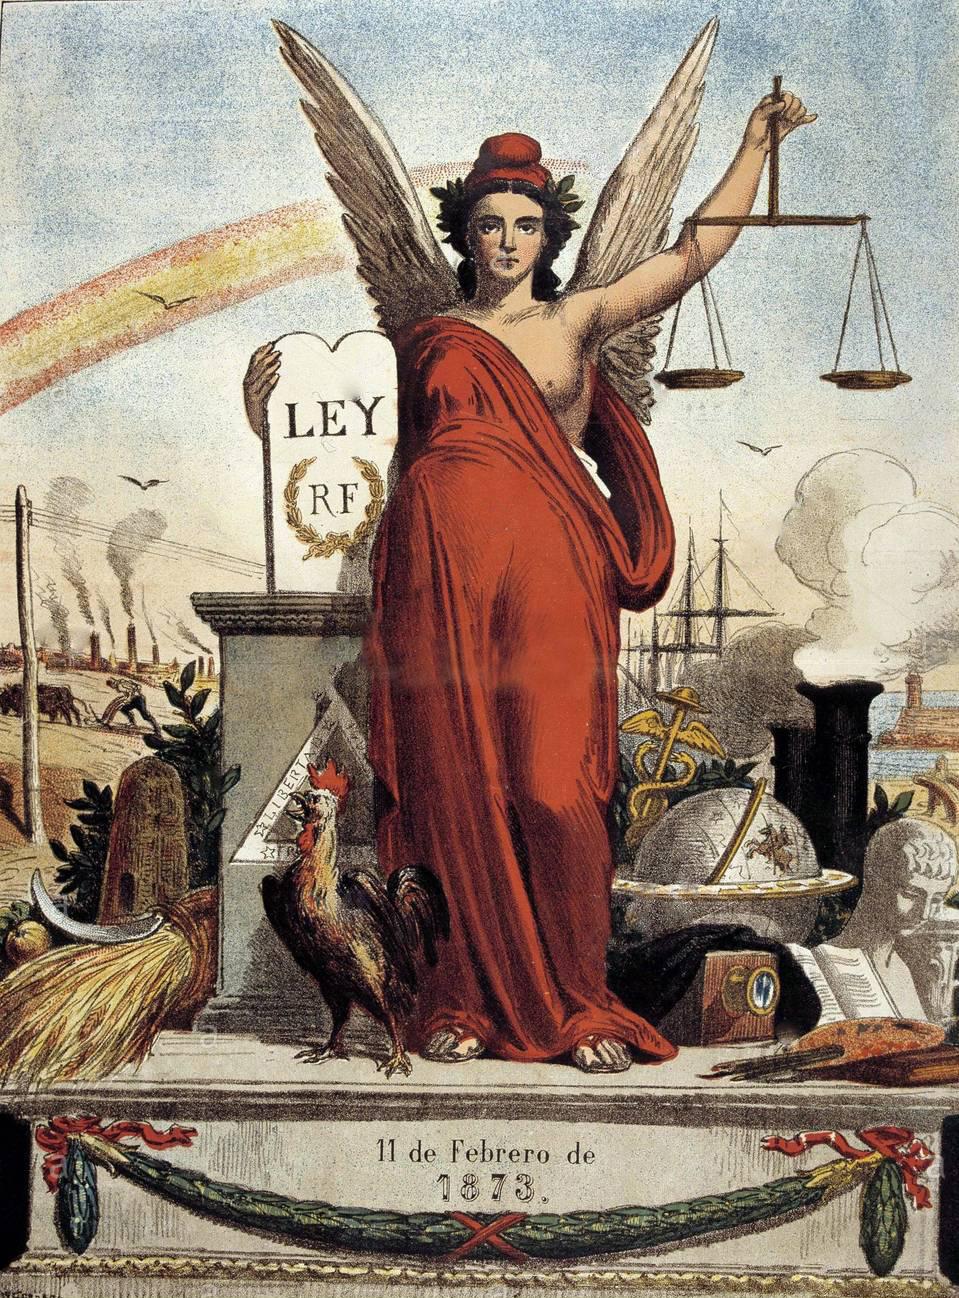 File:Alegoría de la Primera República Española, por Tomás Padró.jpg -  Wikimedia Commons